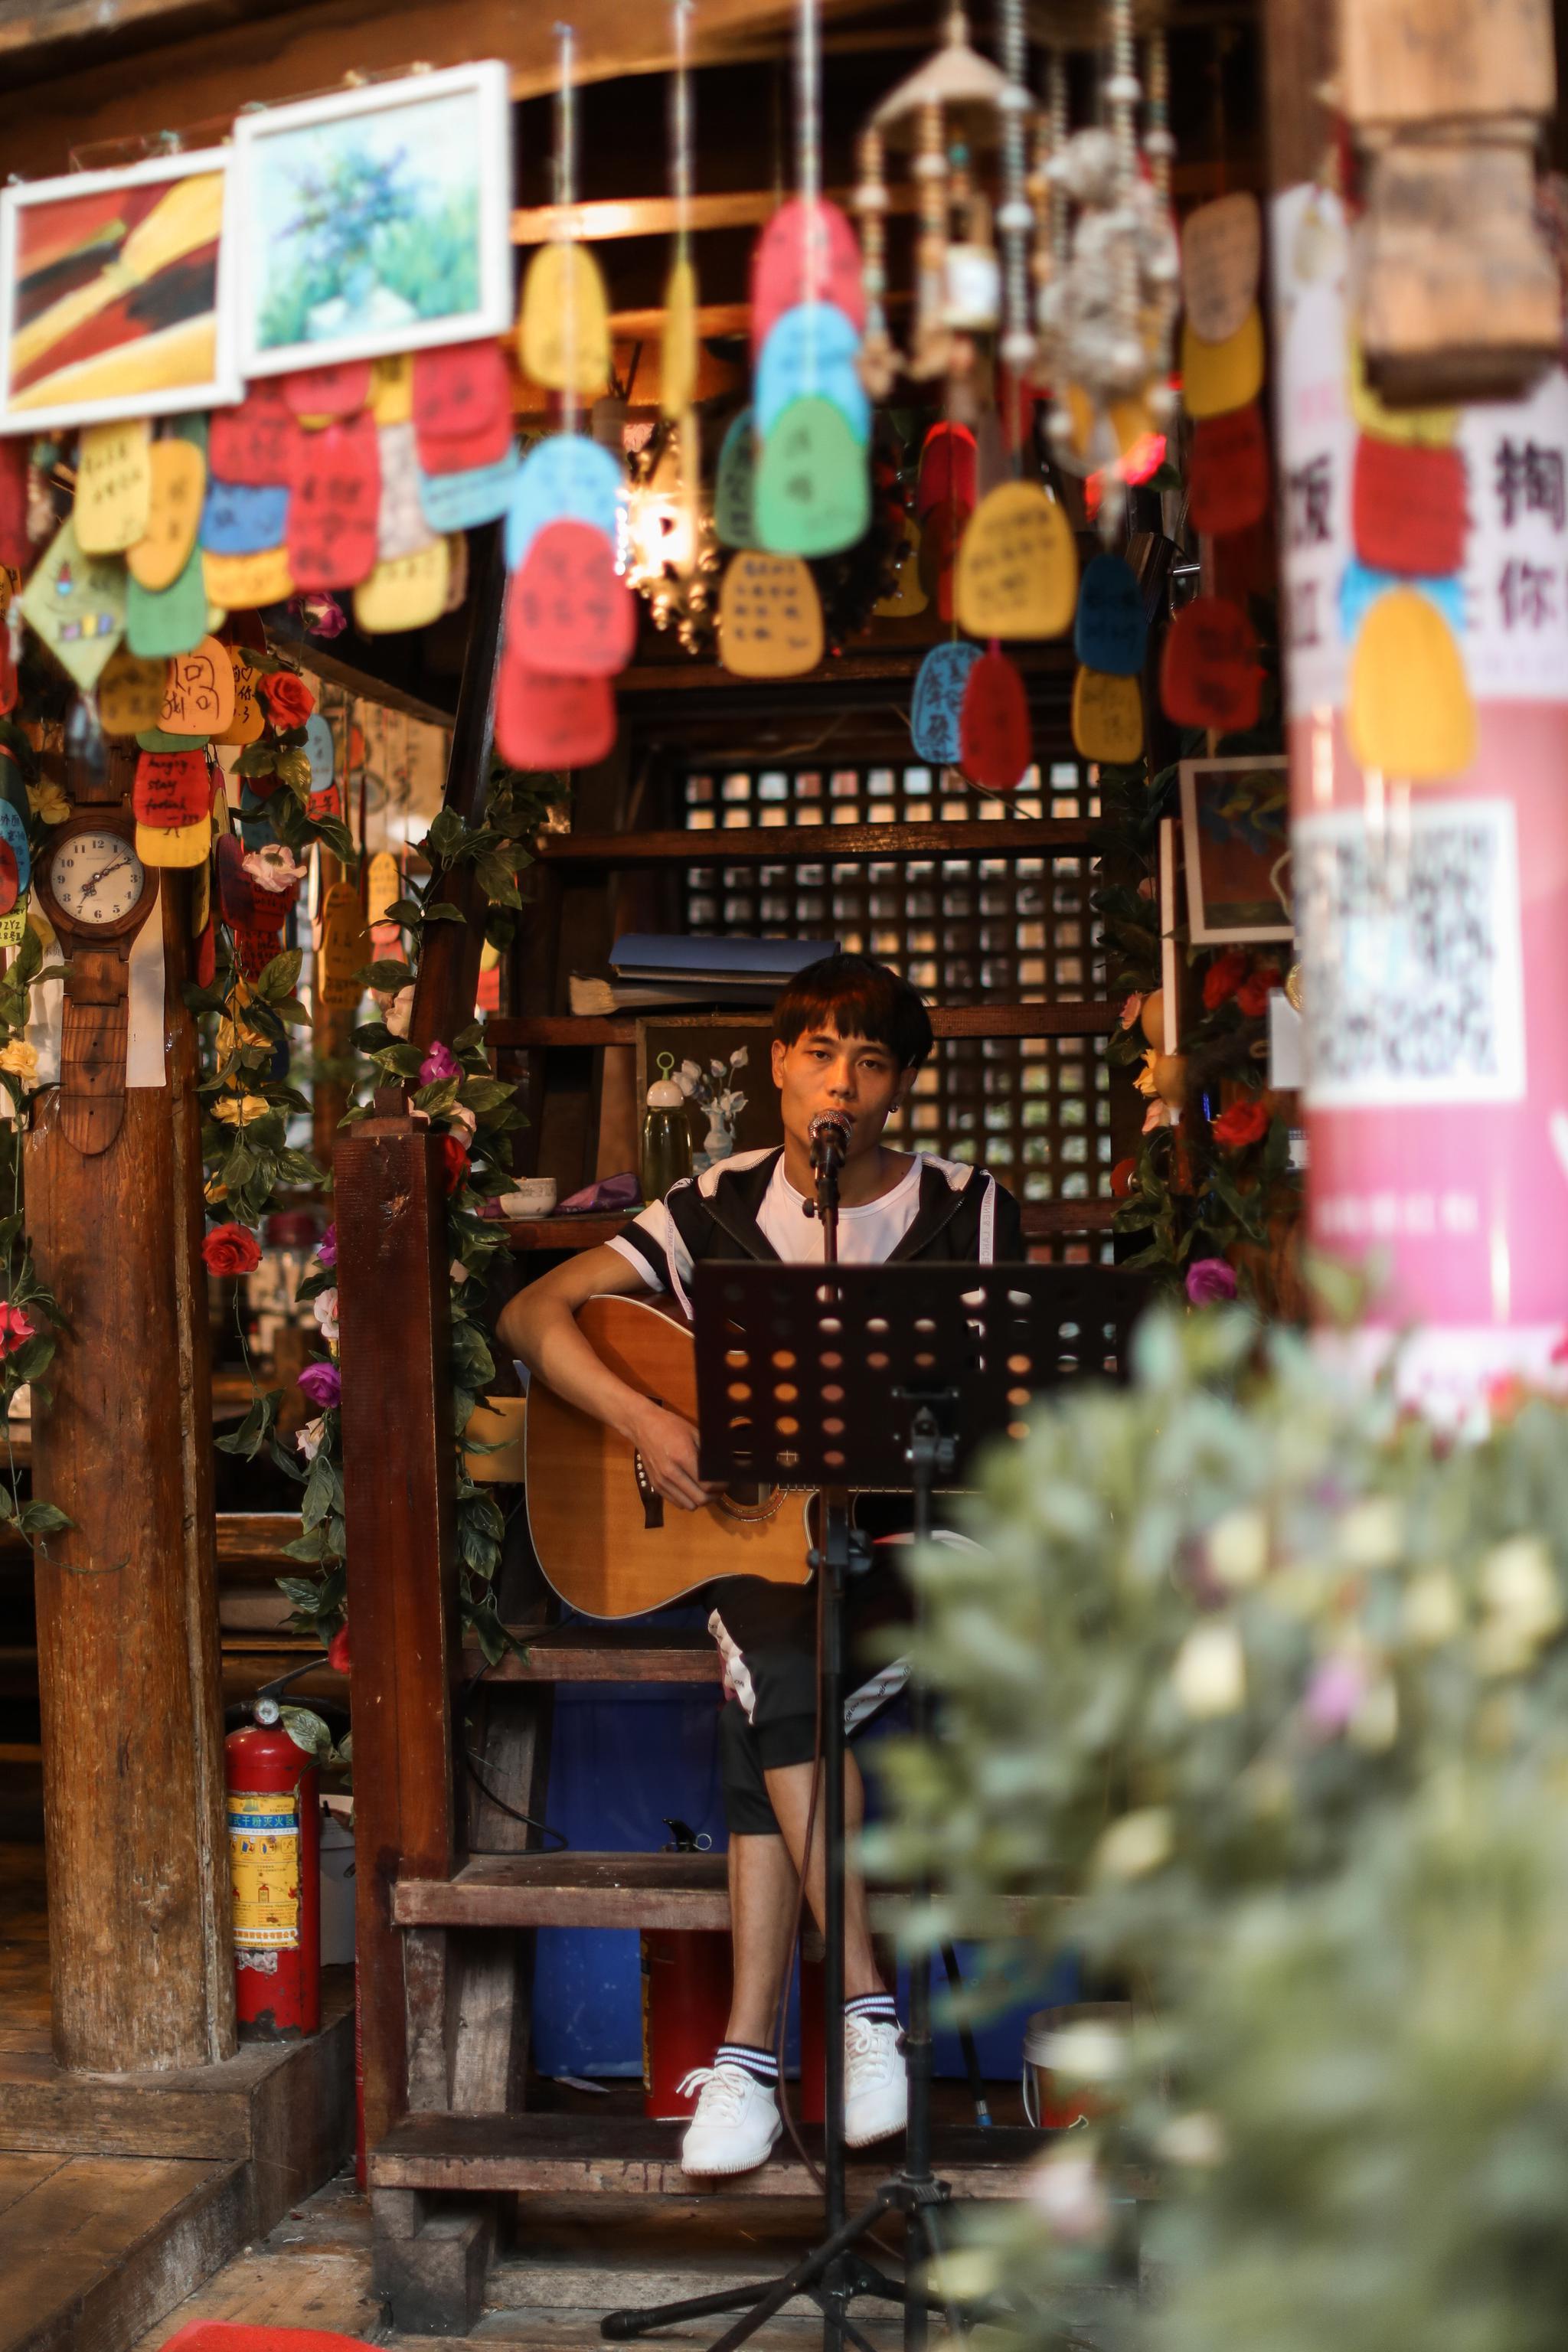 许多饭馆也有歌手驻唱